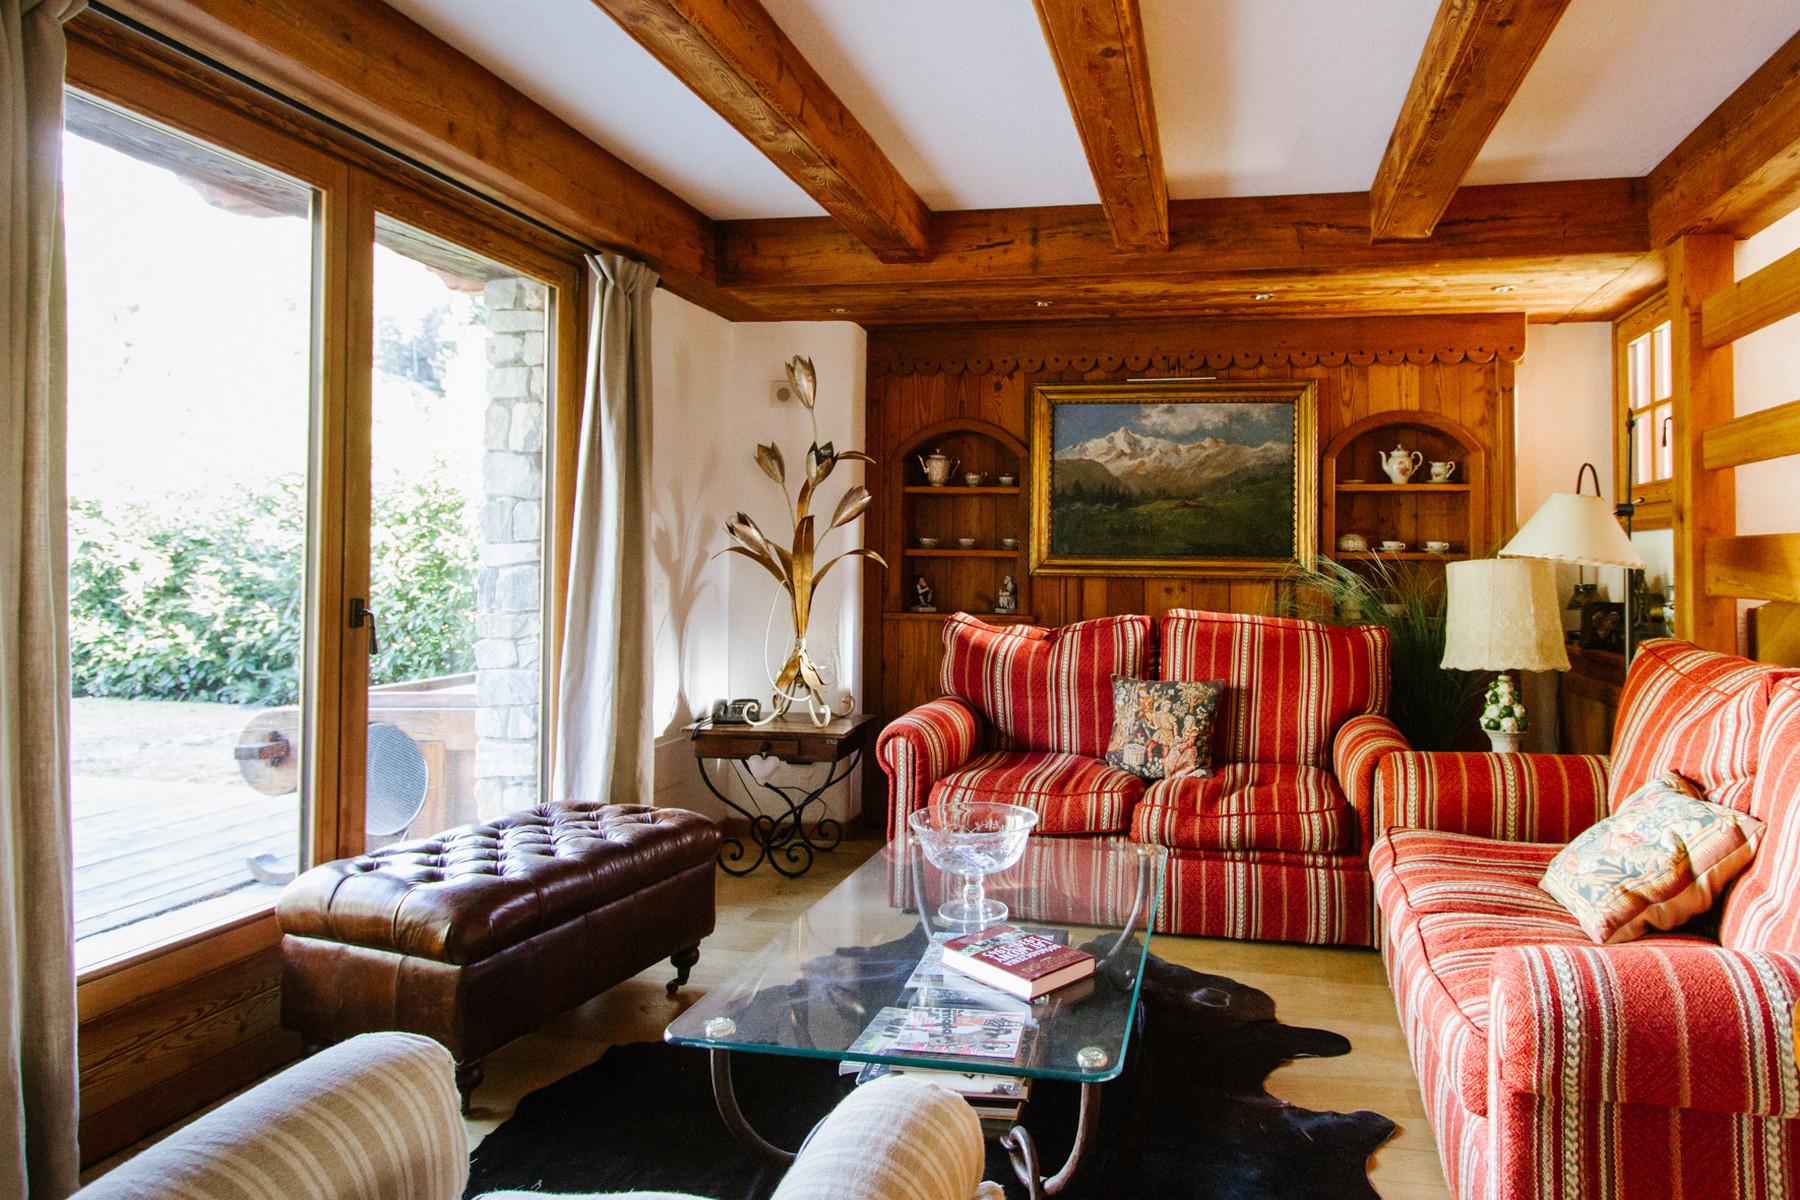 Villa in Vendita a Pre'-Saint-Didier: 5 locali, 350 mq - Foto 4